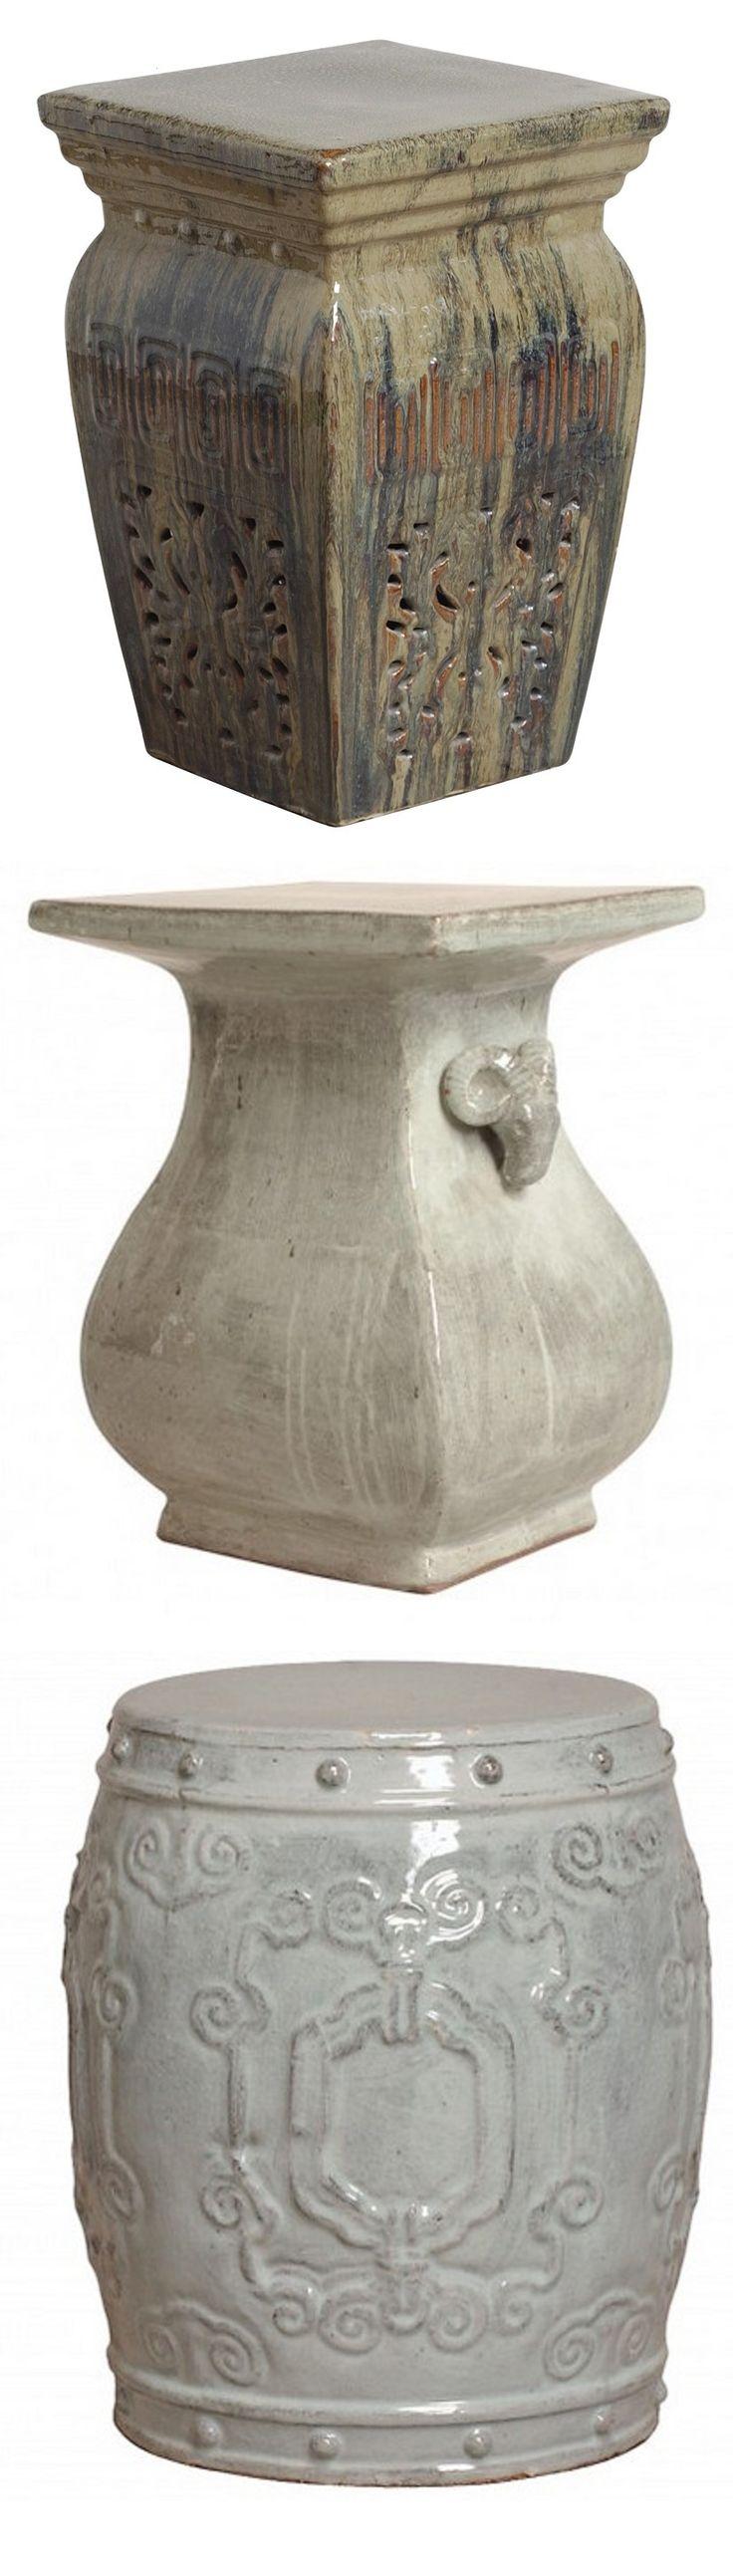 Gray Garden Stool | Gray Ceramic Stools | Gray Porcelain Stool | Gray Ceramic  Stool |